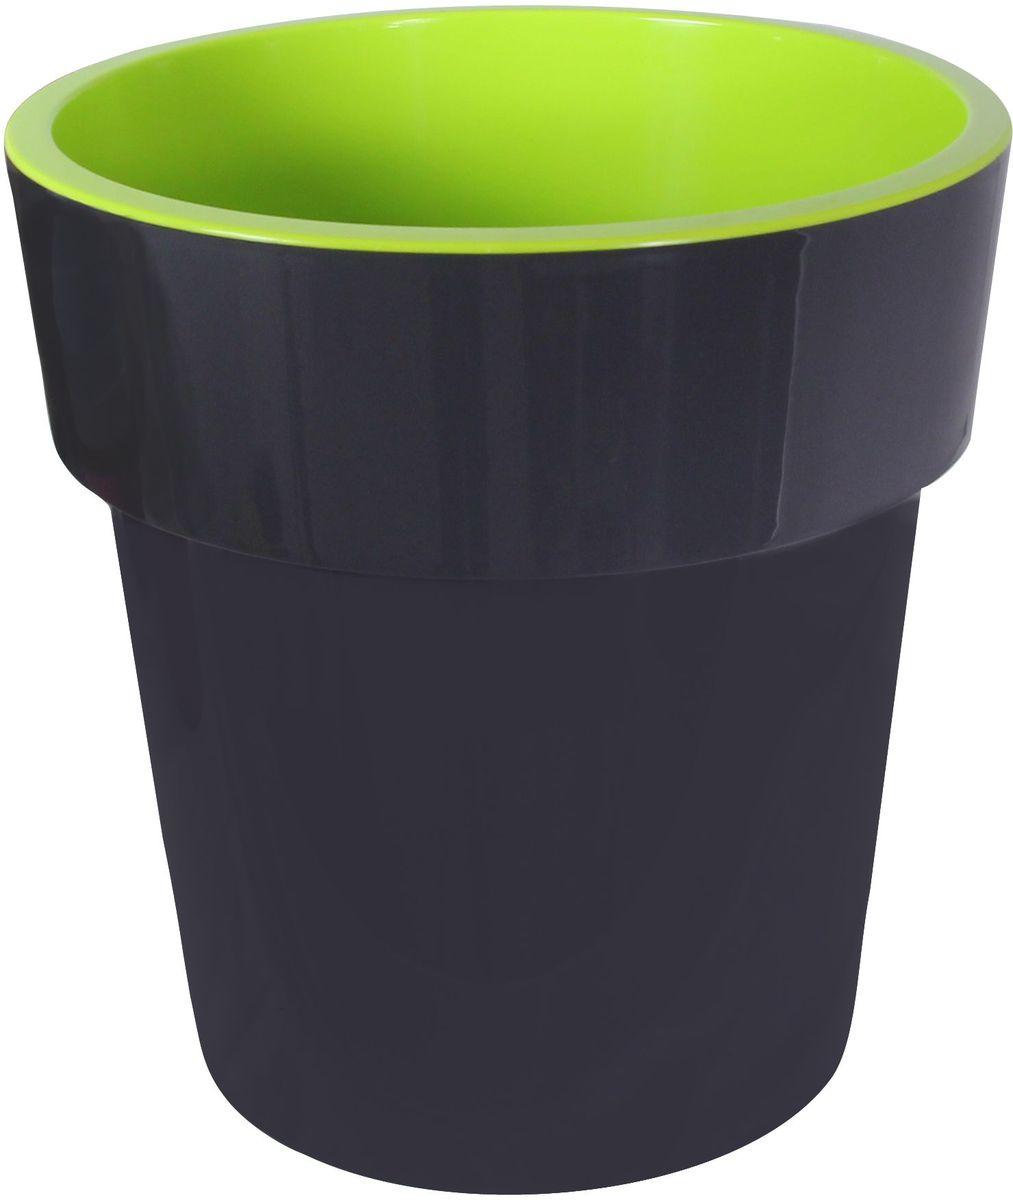 Кашпо Idea Тубус, цвет: графитовый, диаметр 15 см531-402Кашпо Idea Тубус изготовлено из прочного пластика. Изделие прекрасно подходит для выращивания растений и цветов в домашних условиях. Стильный современный дизайн органично впишется в интерьер помещения.Диаметр кашпо: 15 см. Высота кашпо: 15 см.